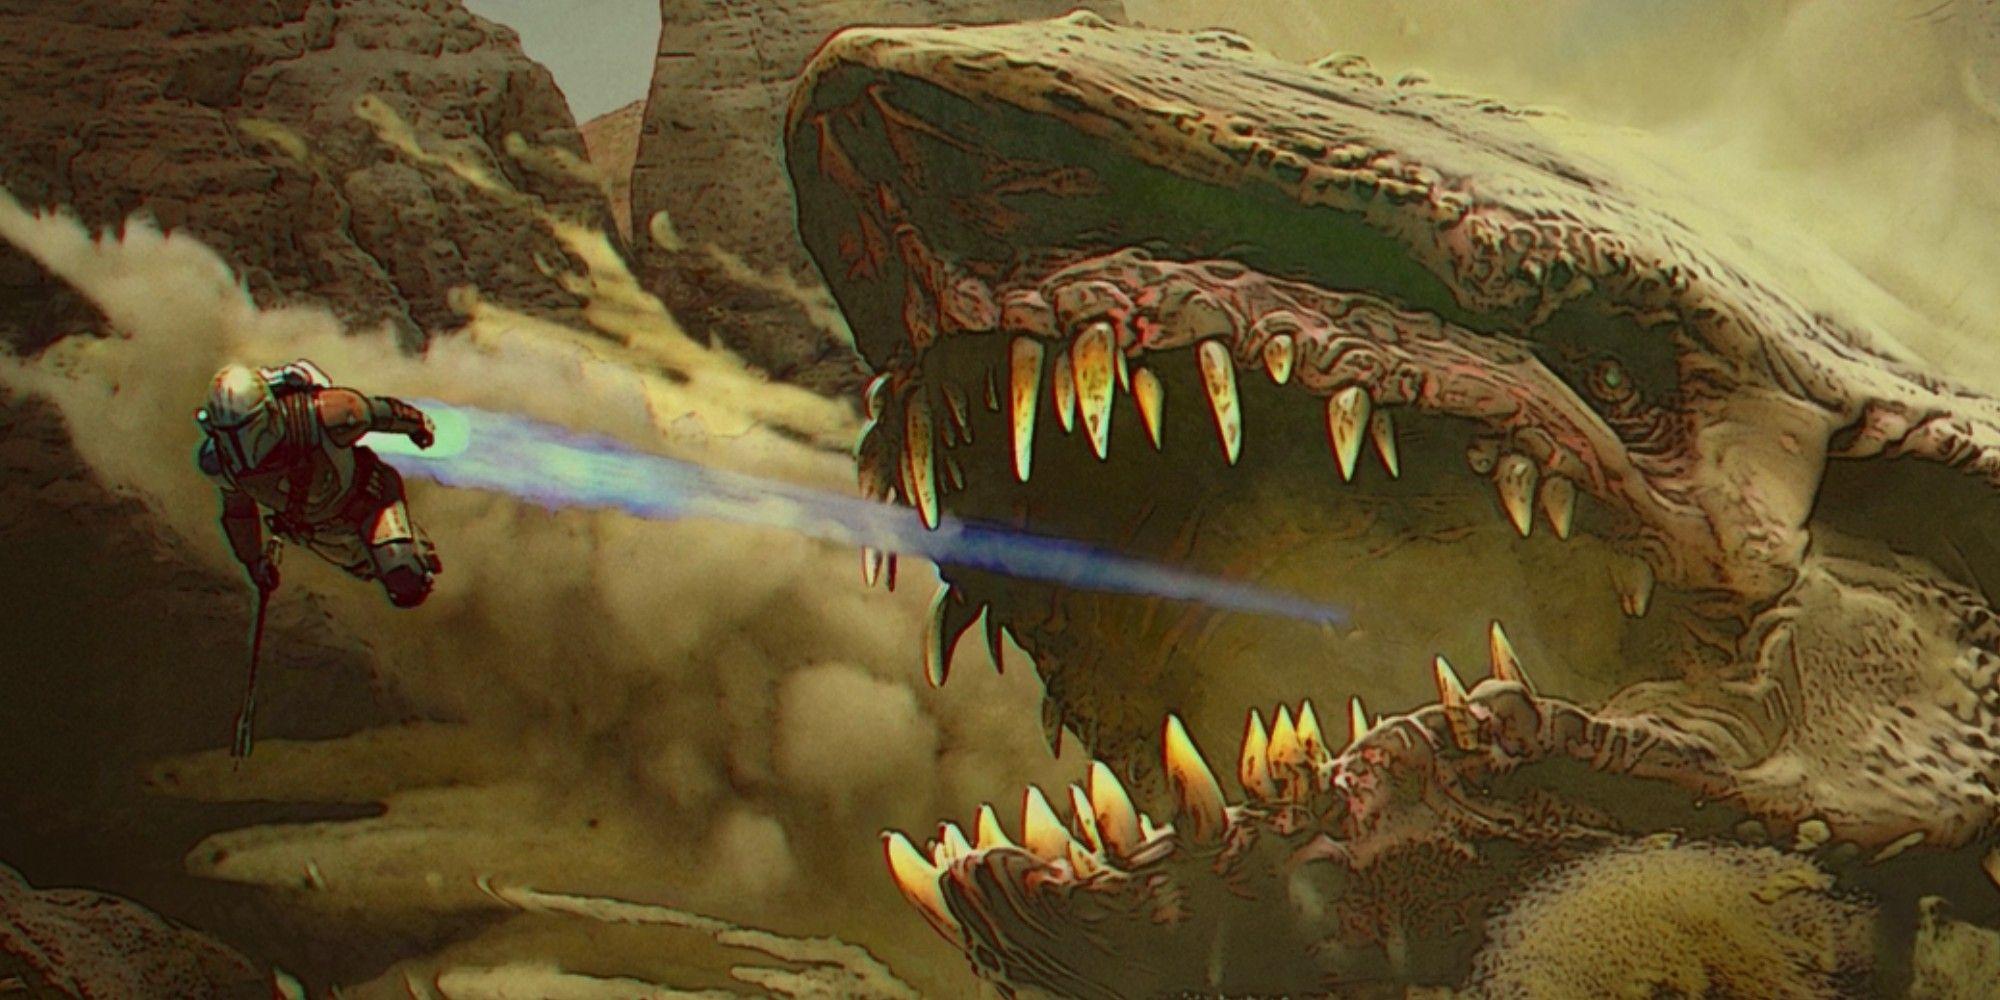 Krayt Dragons Explained: Mandalorian Season 2's Star Wars OT Monster